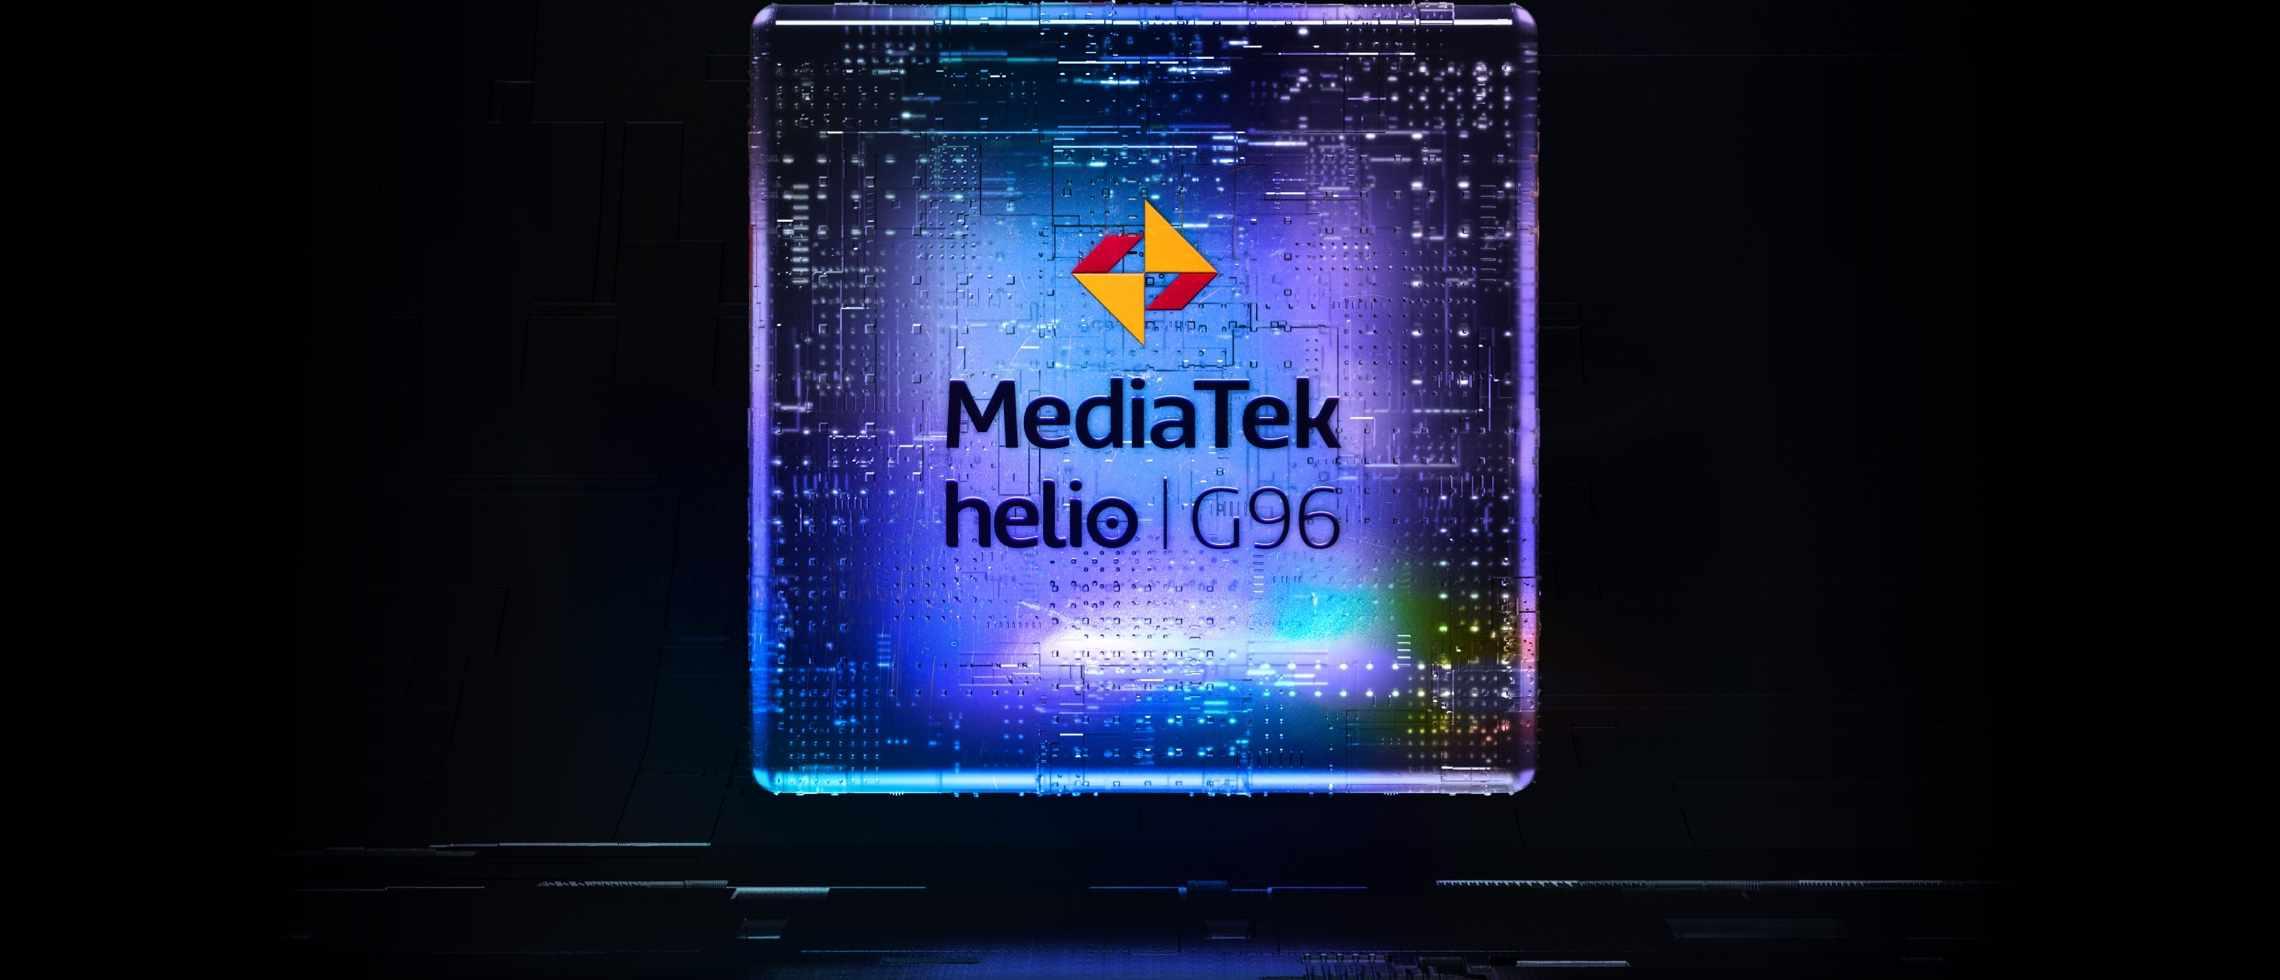 Realme mediaTek